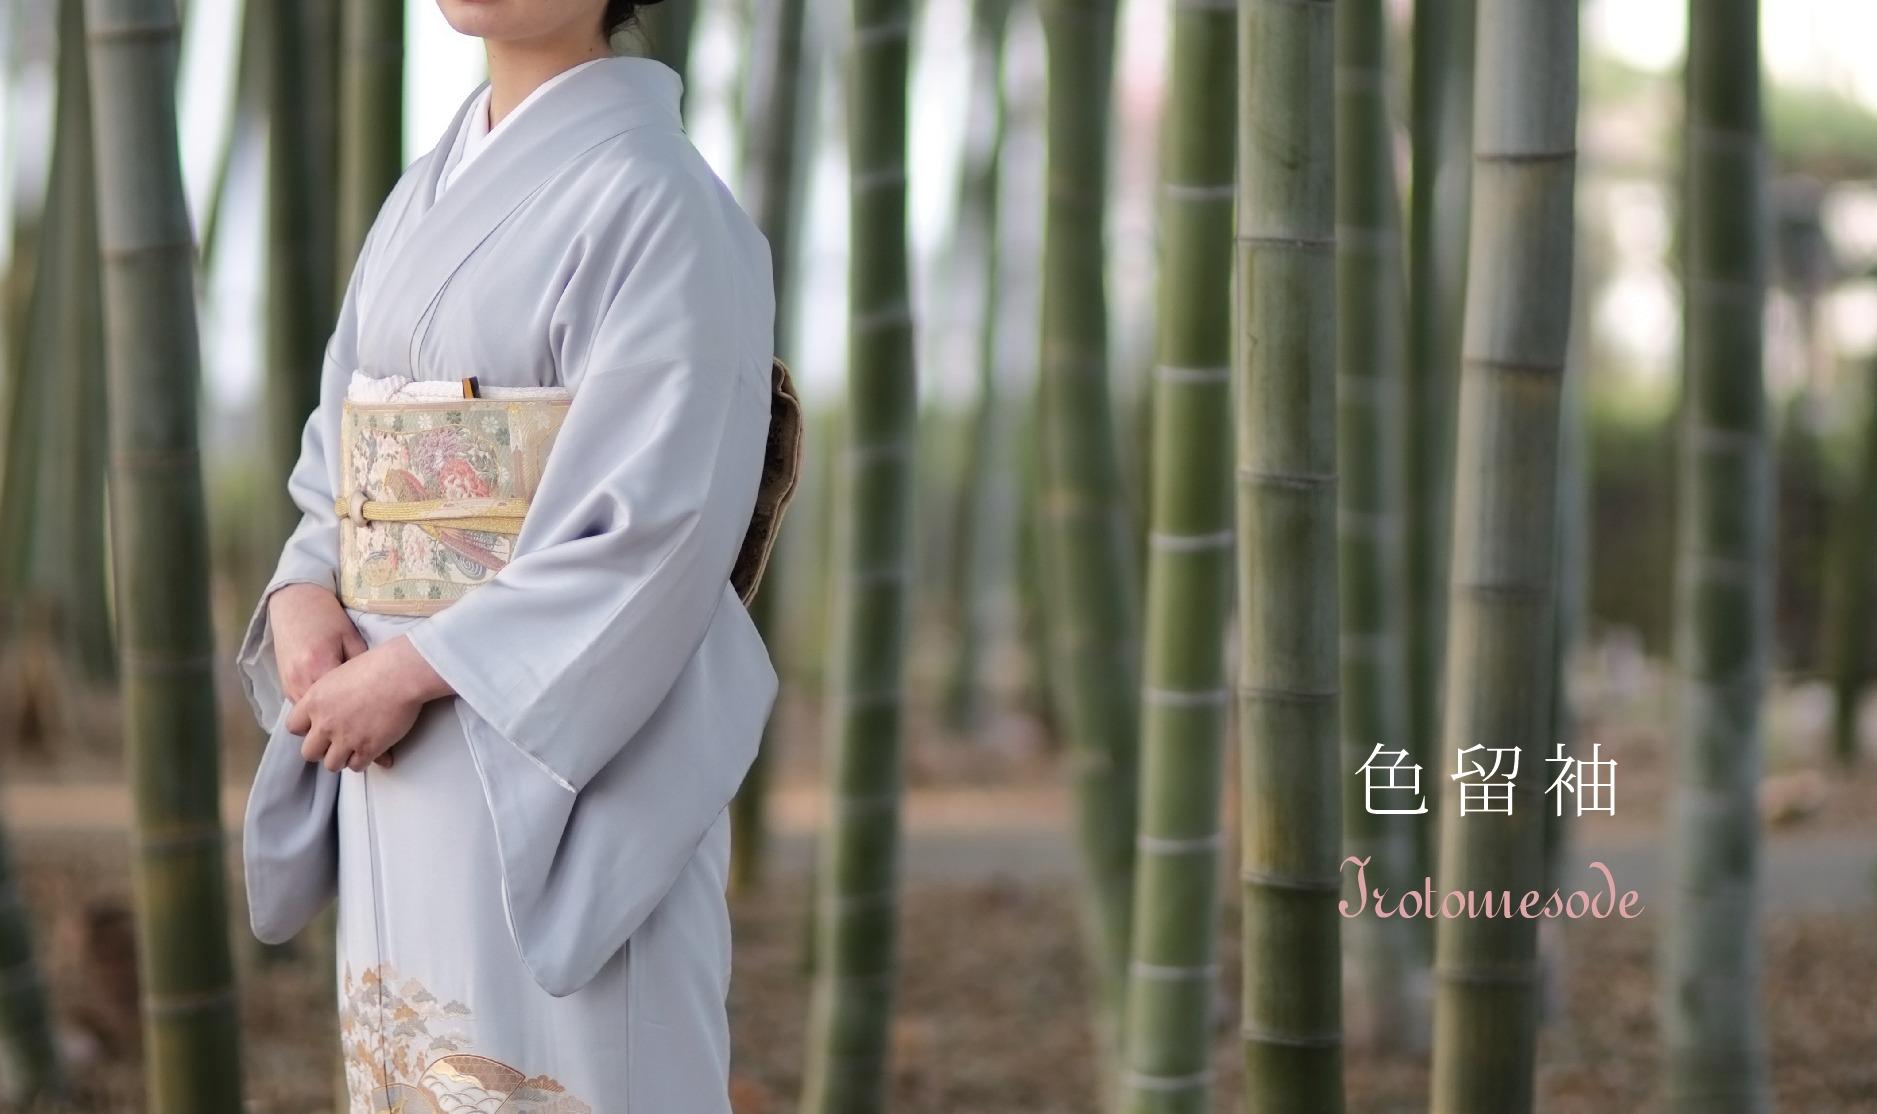 長崎の結婚式 親族衣裳レンタル 和装 神社挙式 挙式 人前式 留袖レンタル